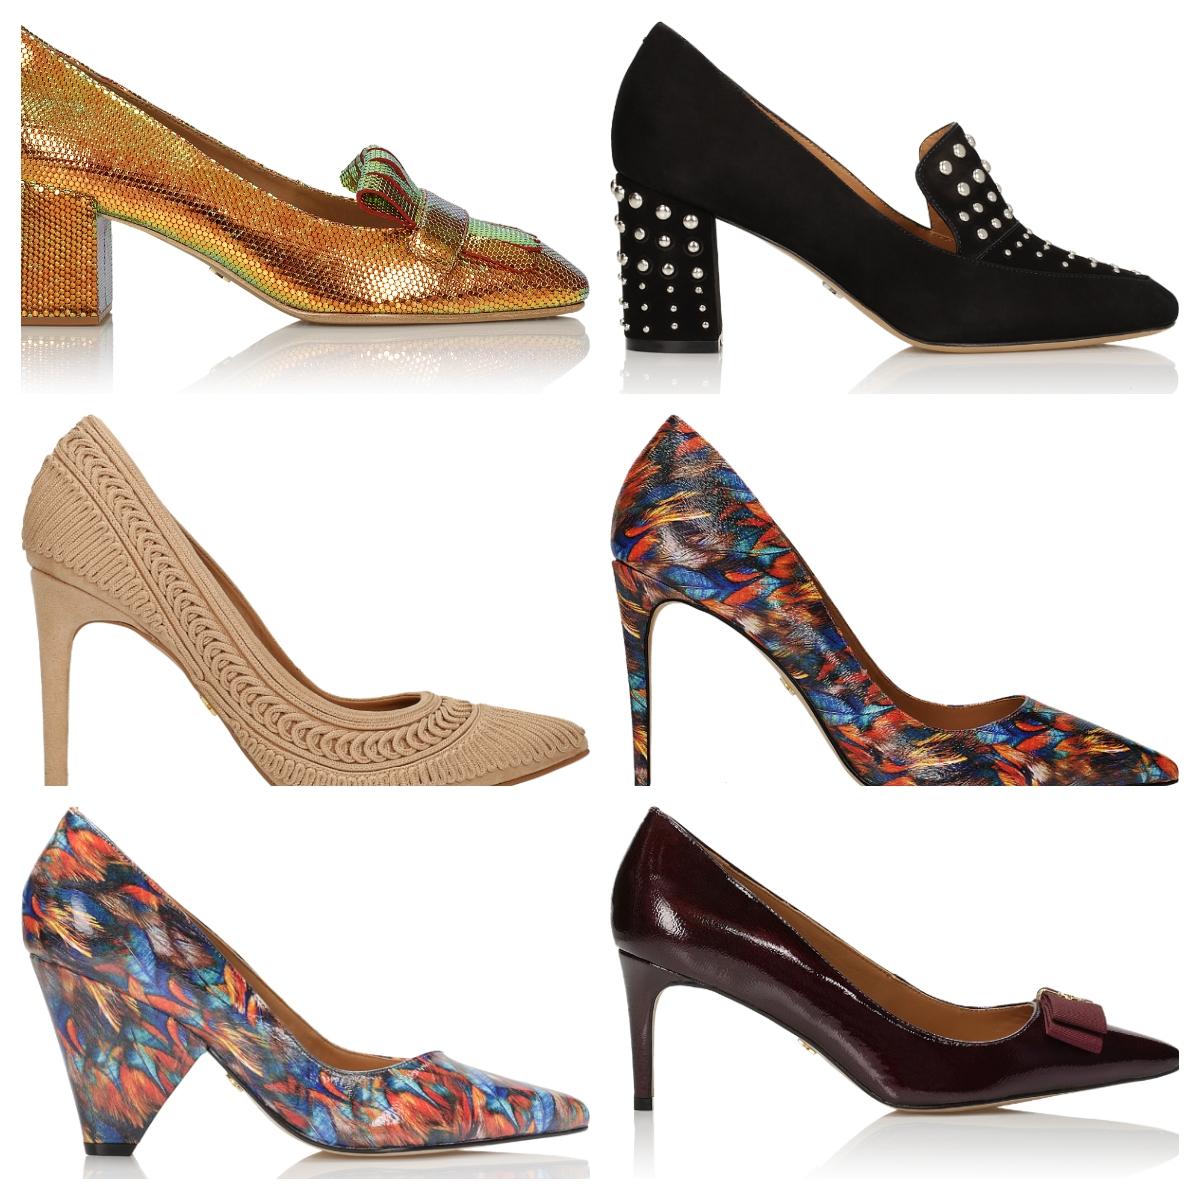 42de92390a52 Intenzív színek és merész minták, állatmotívumok, tüskék és láncok a  táskákon, érdekes kialakítású és magassarkú cipők - csak hogy néhányat  említsünk azok ...